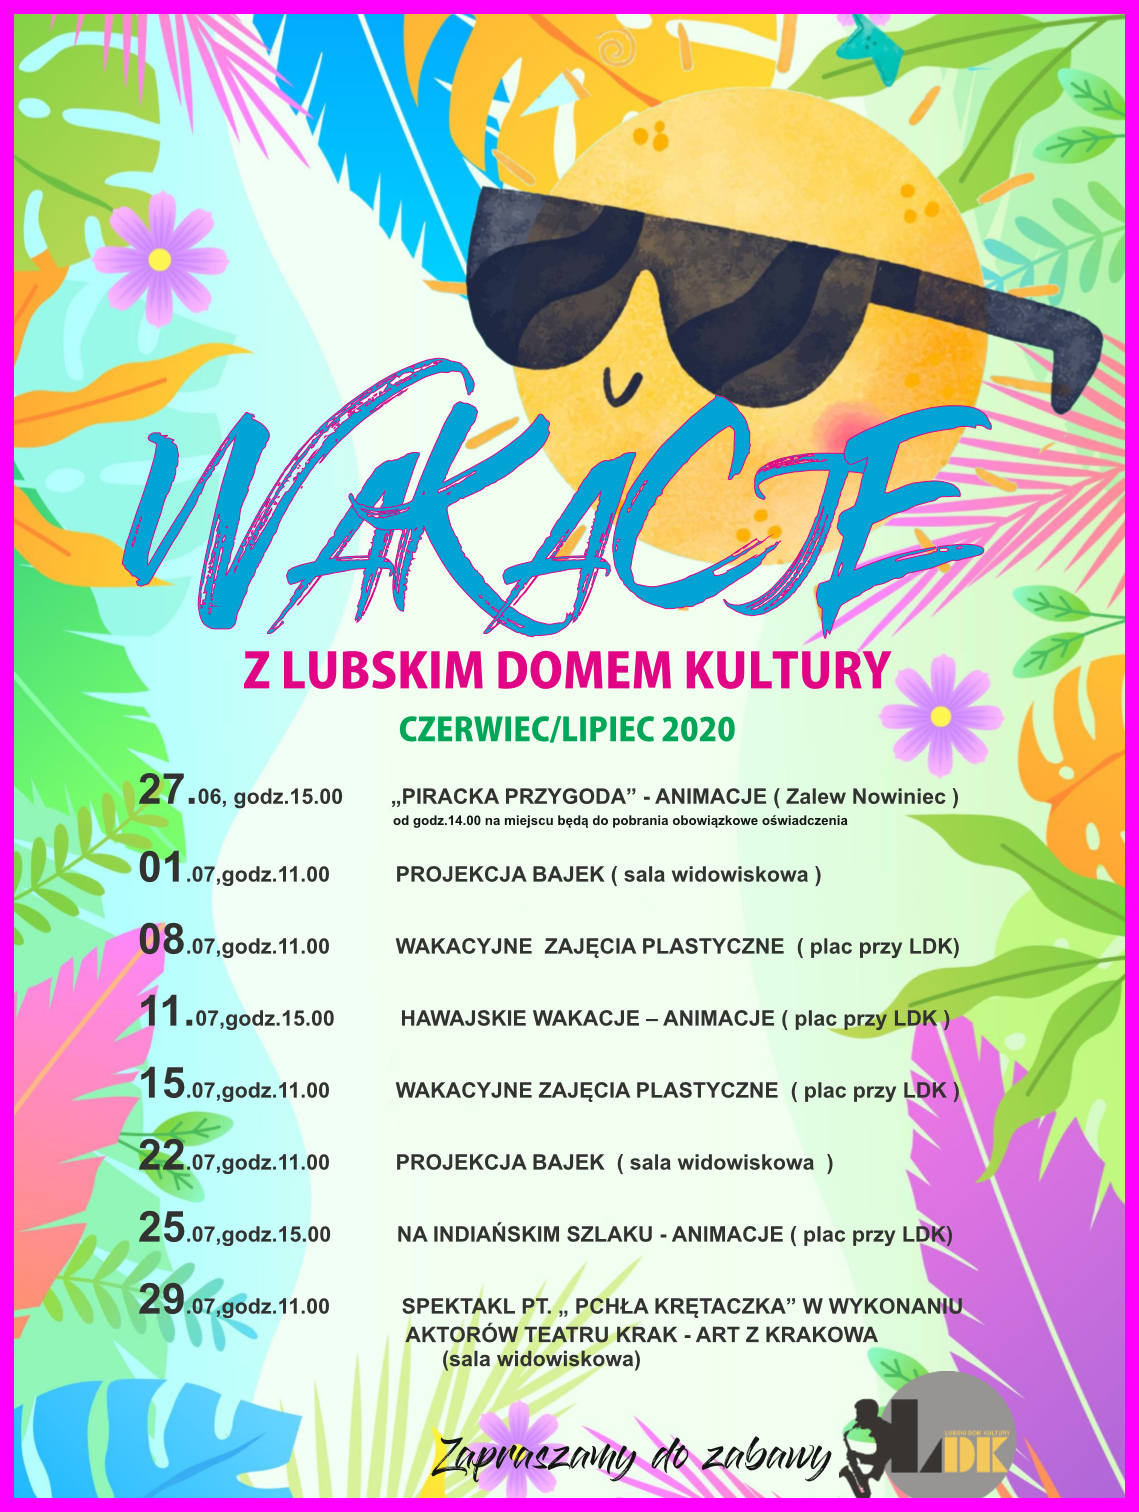 Ilustracja do informacji: Wakacje z Lubskim Domem Kultury czerwiec/lipiec 2020